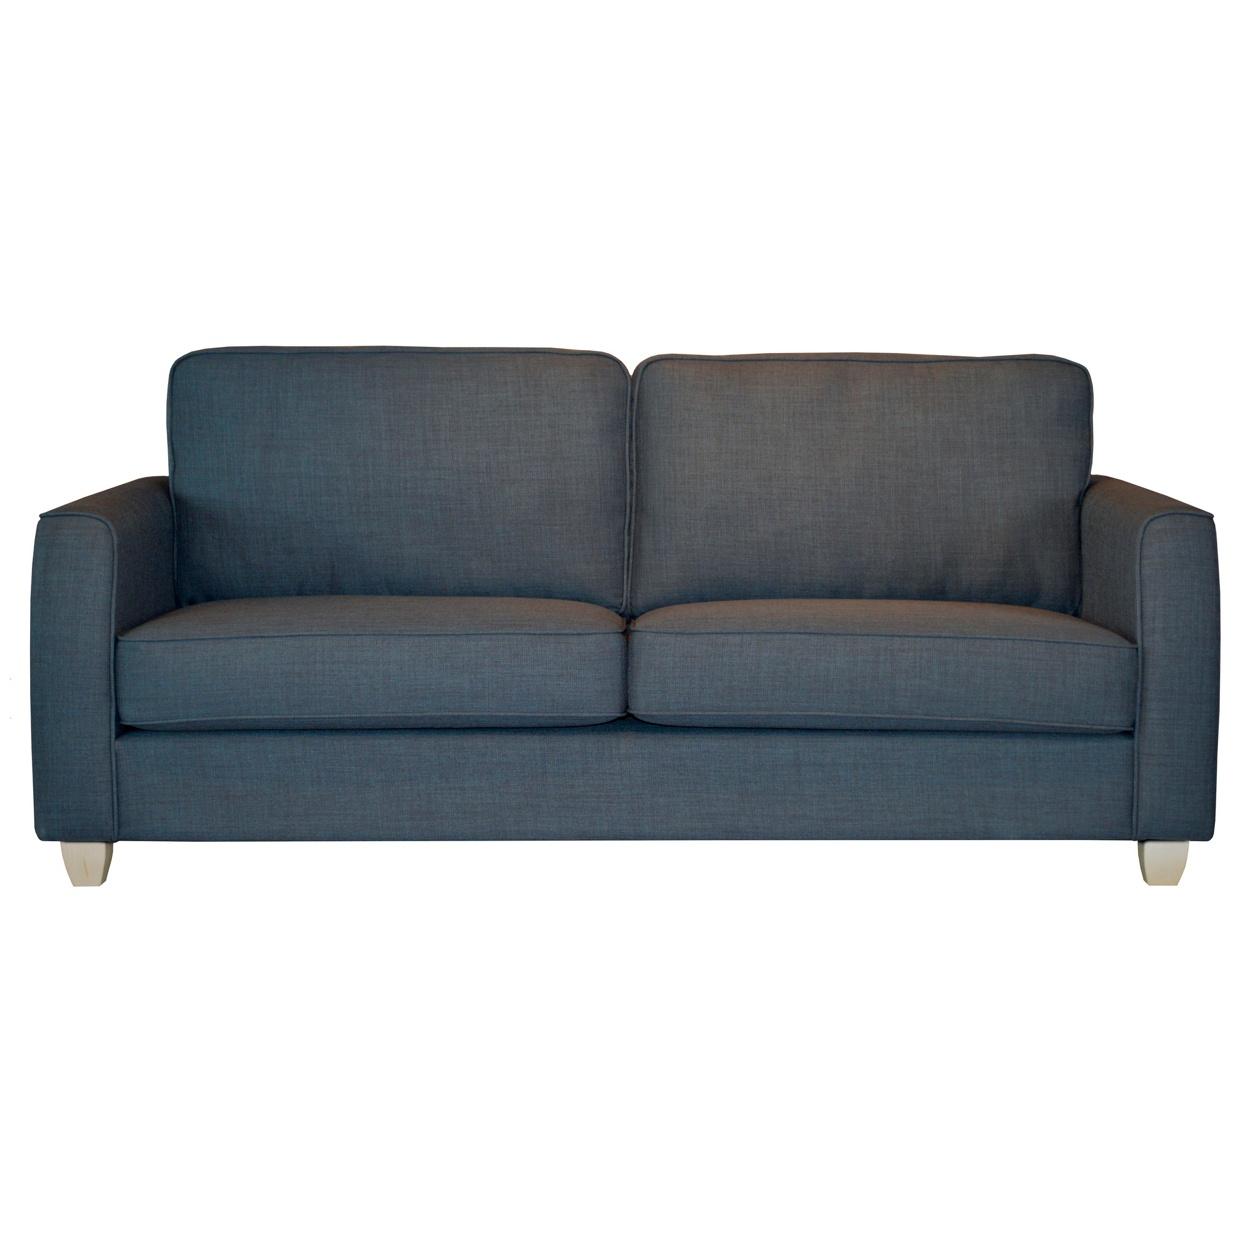 Debenhams sofa reviews for Sofa bed ratings